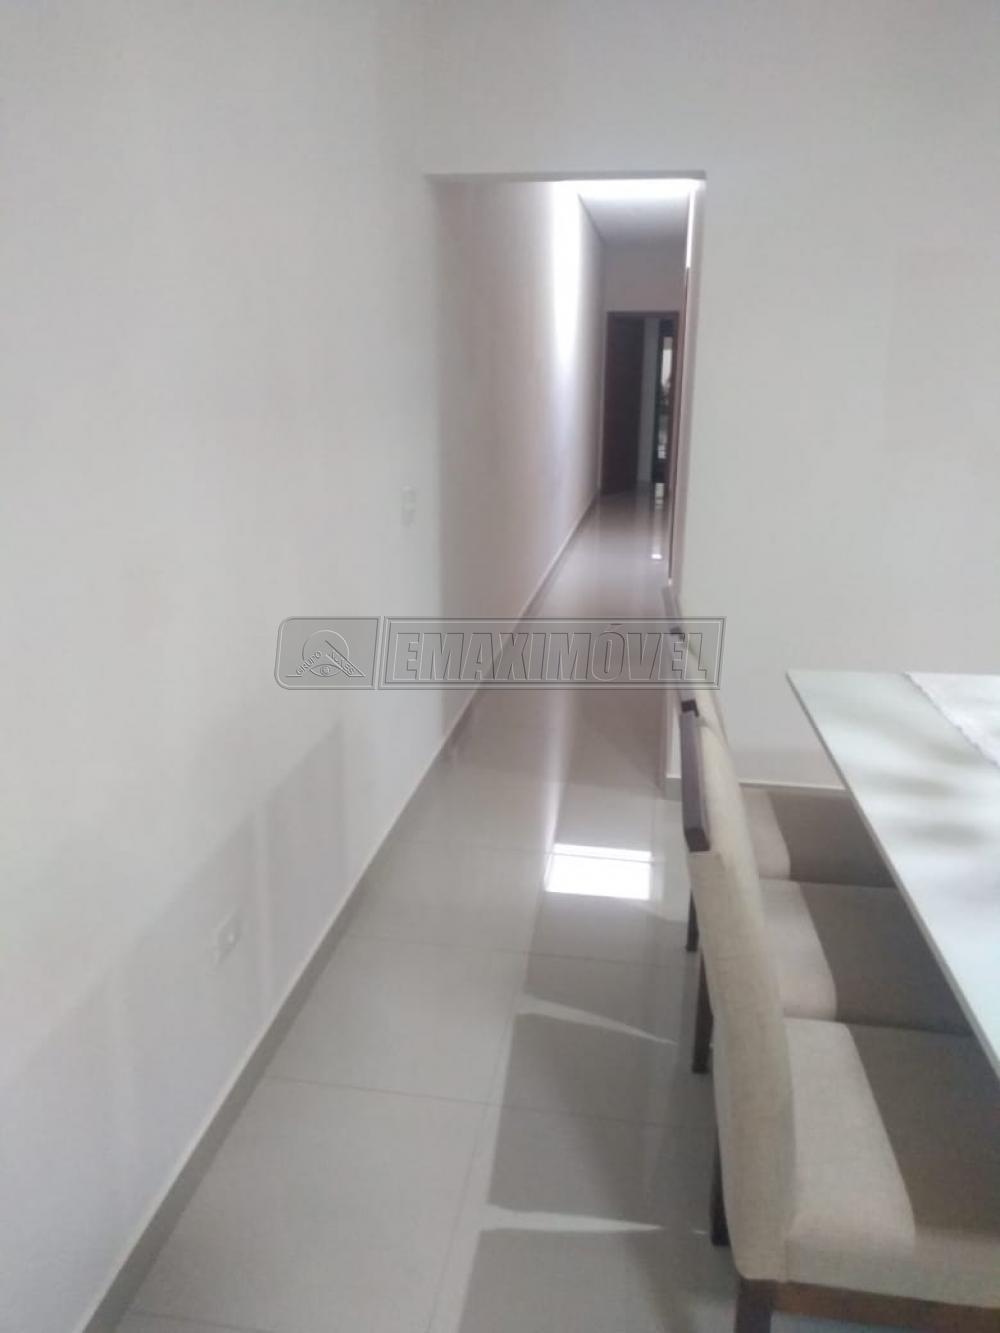 Comprar Casa / em Condomínios em Sorocaba R$ 660.000,00 - Foto 6